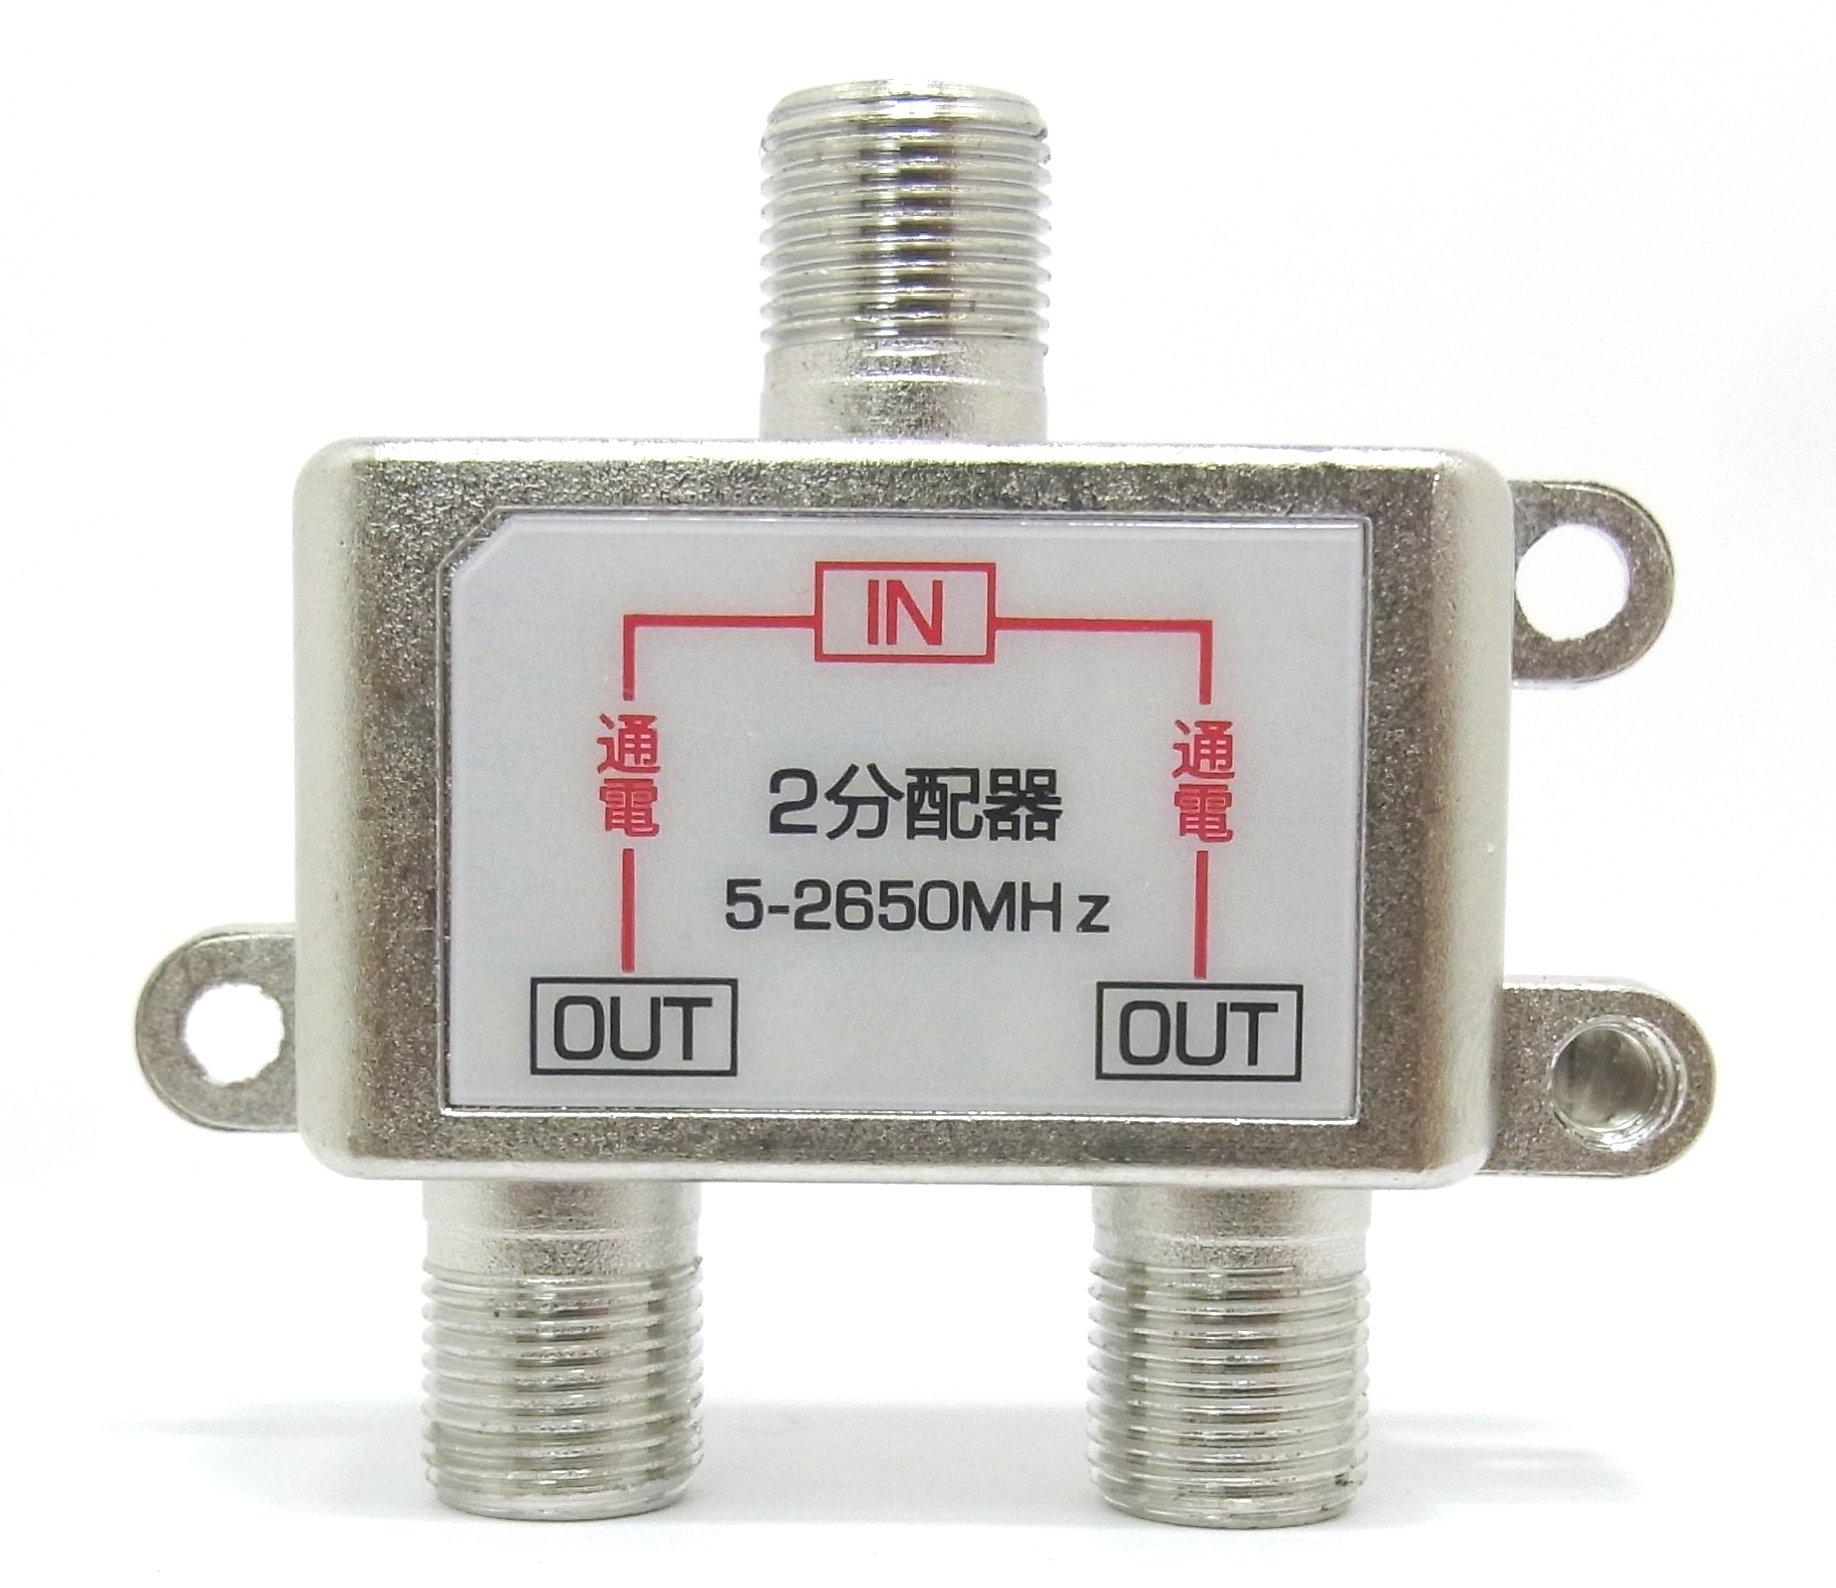 アンテナ2分配器 BS/CS/UHF/VHF/FM/地デジ対応 全端子通電型 CW-147TV